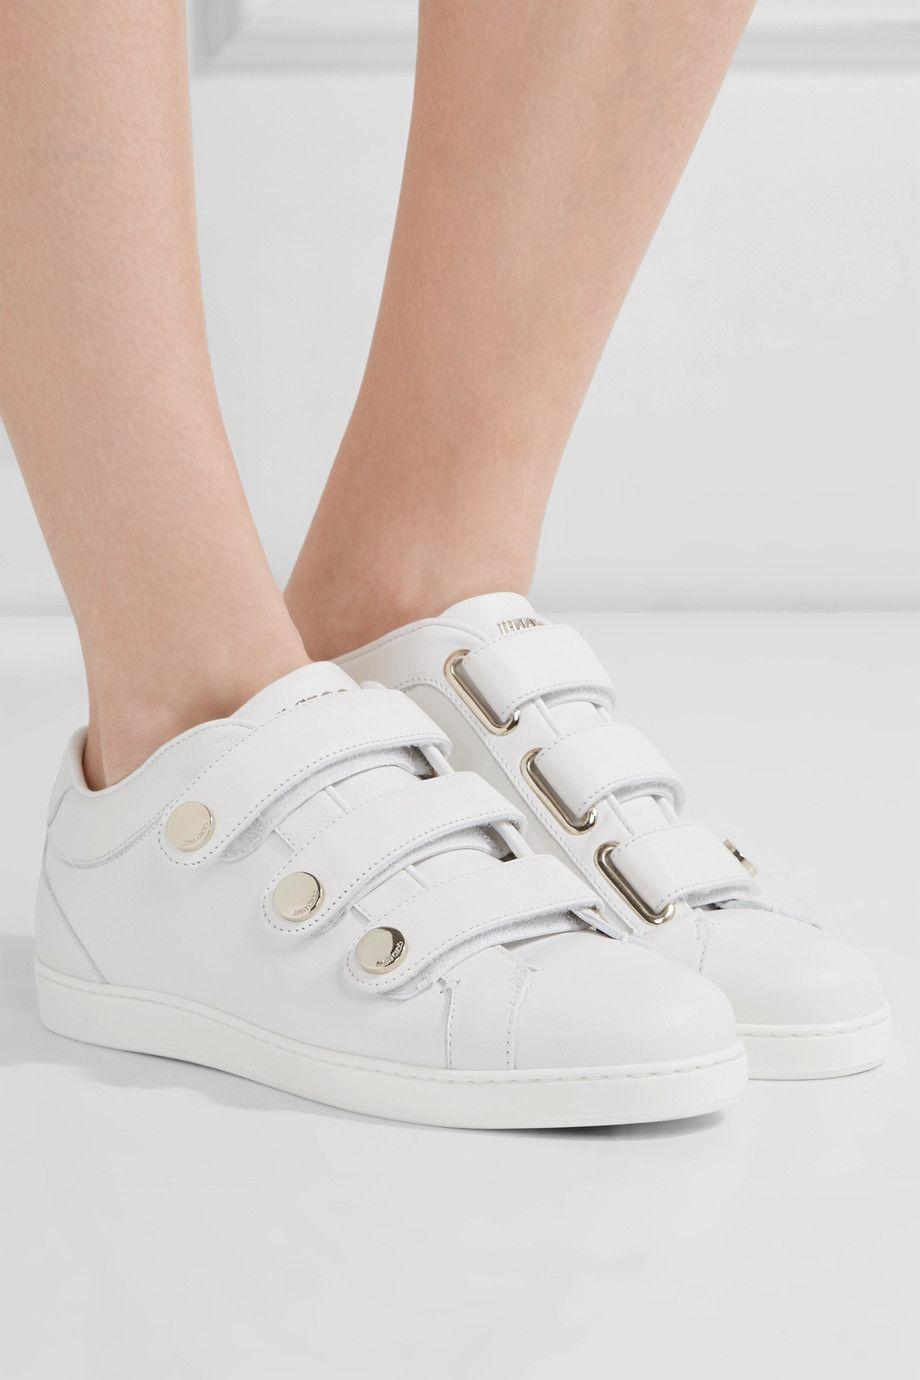 Jimmy choo Ny sneakers EvyCKl